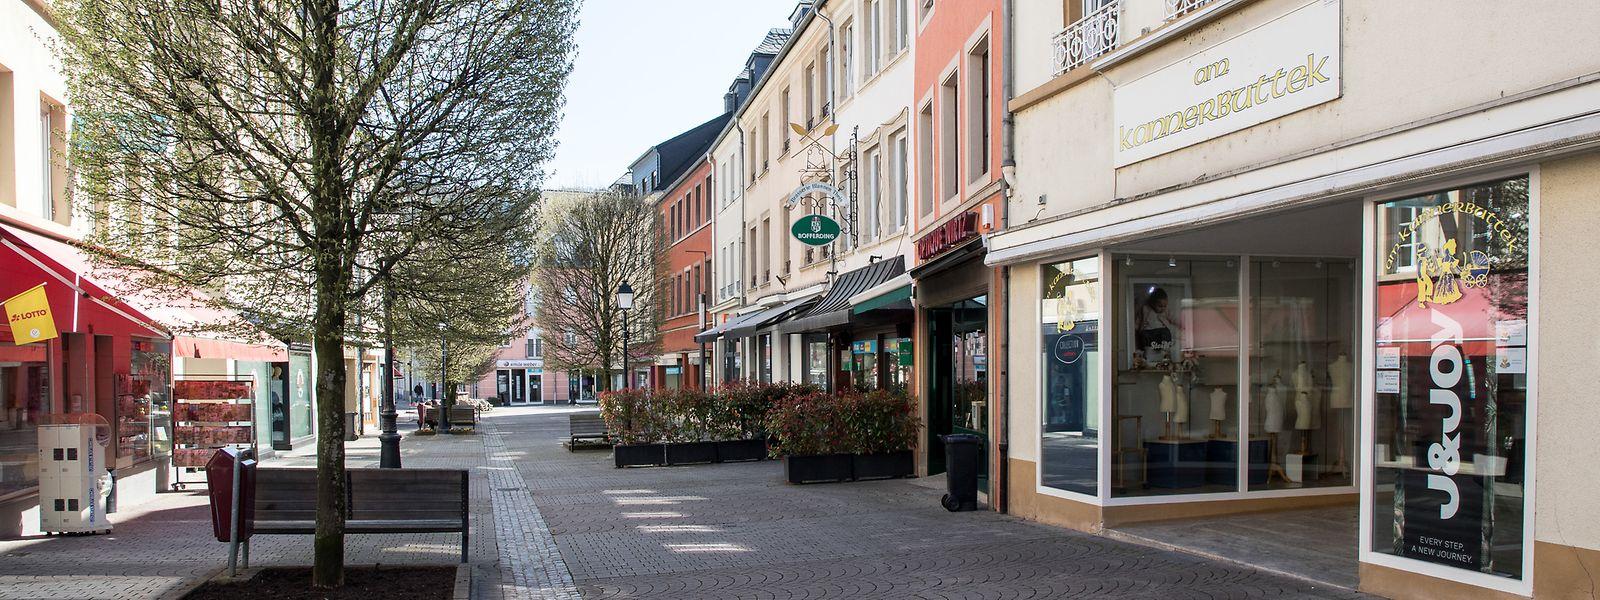 Le confinement semble respecté dans les rues de Strassen.